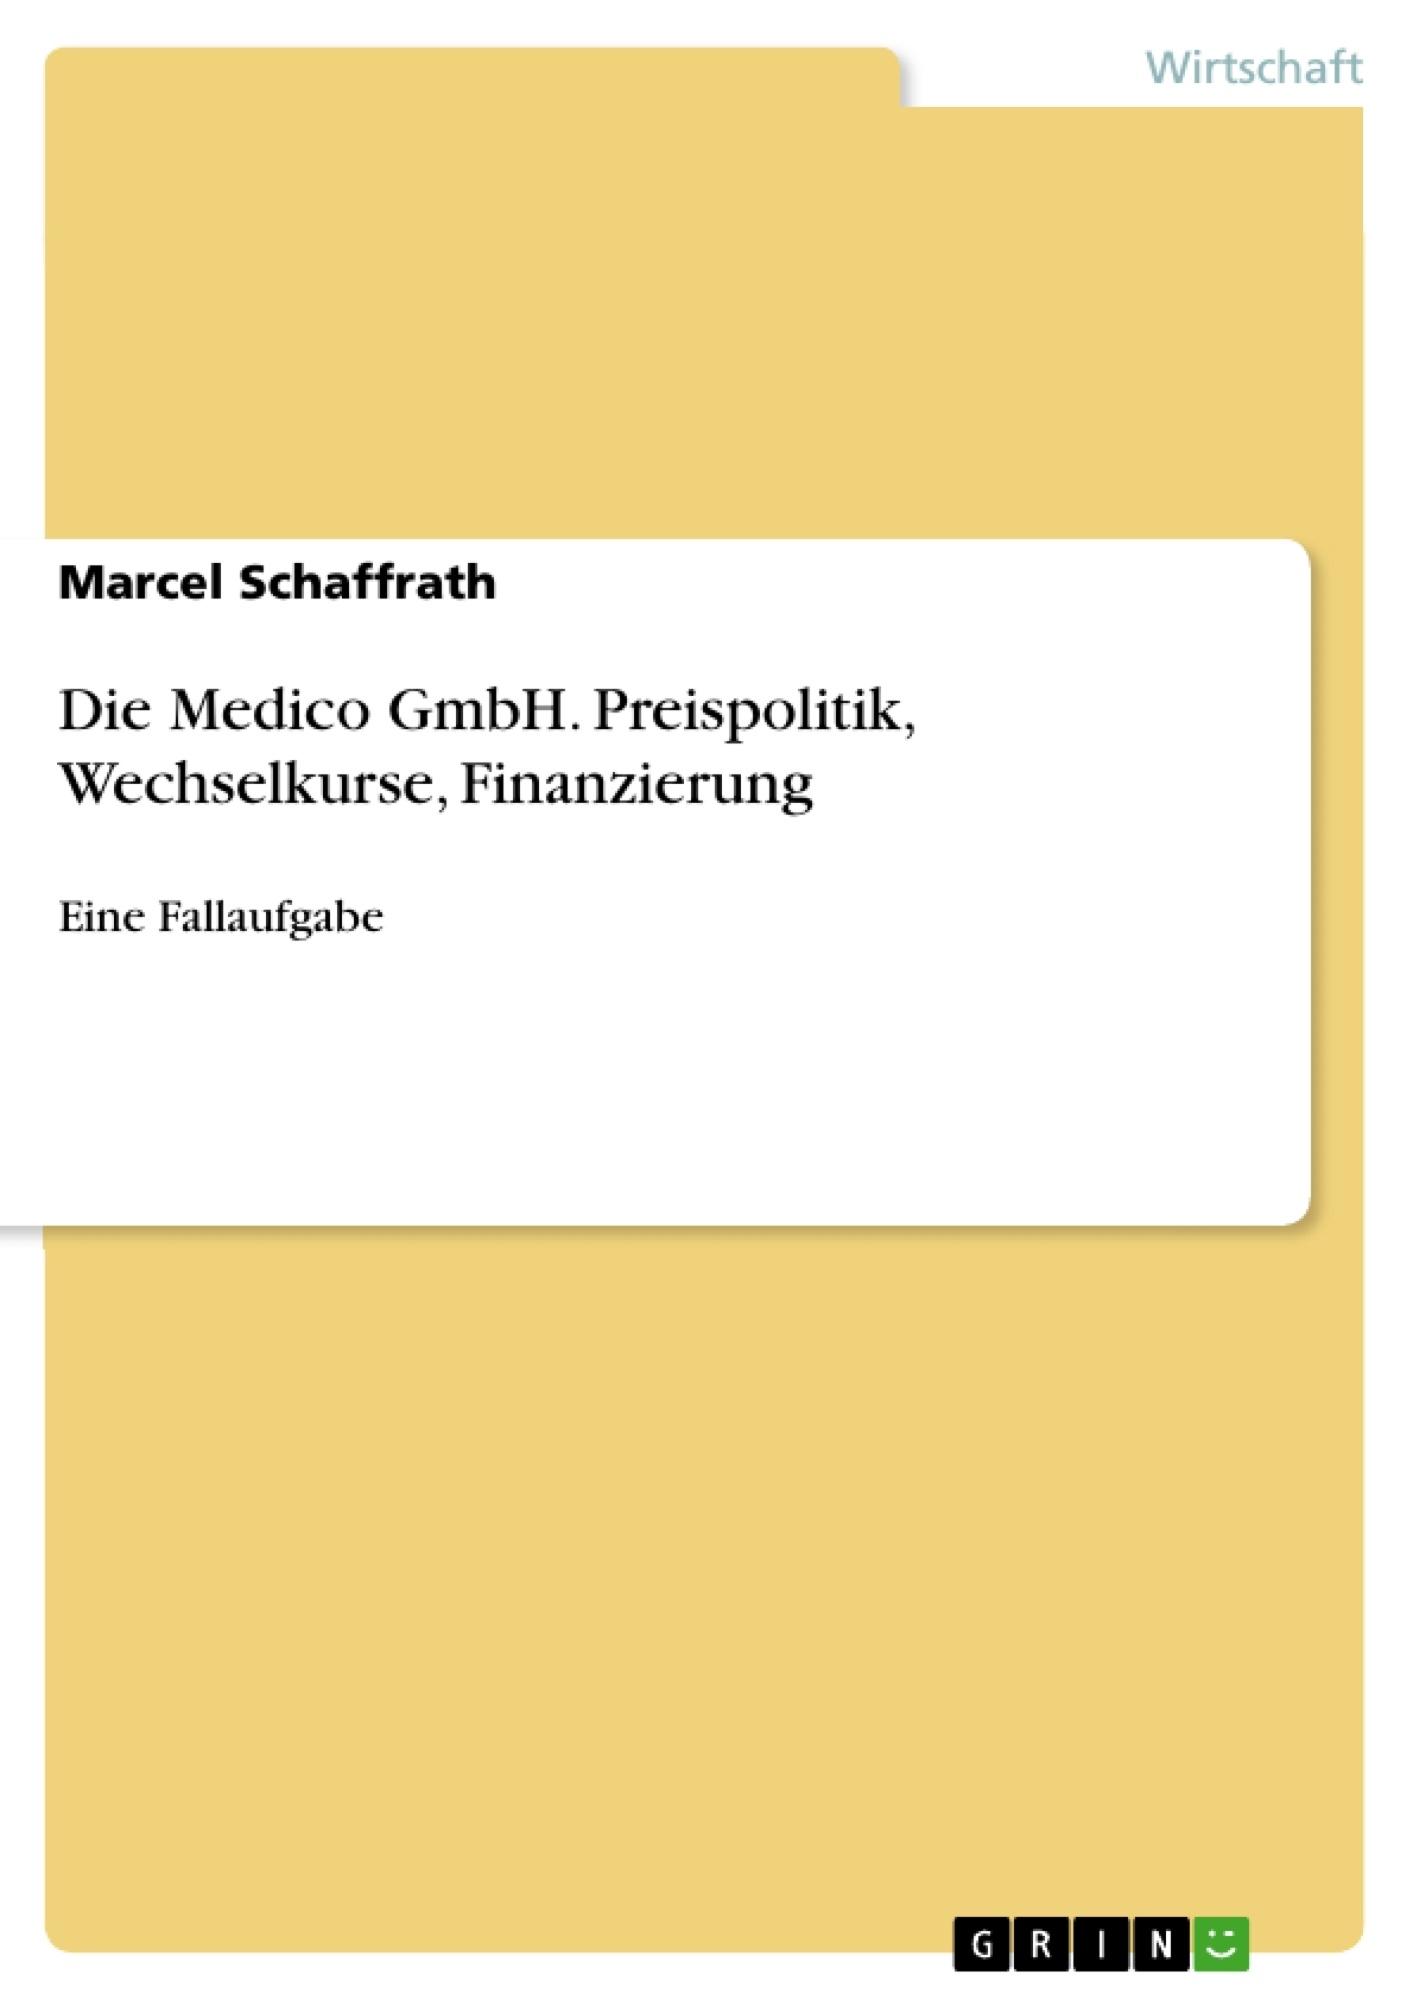 Titel: Die Medico GmbH. Preispolitik, Wechselkurse, Finanzierung